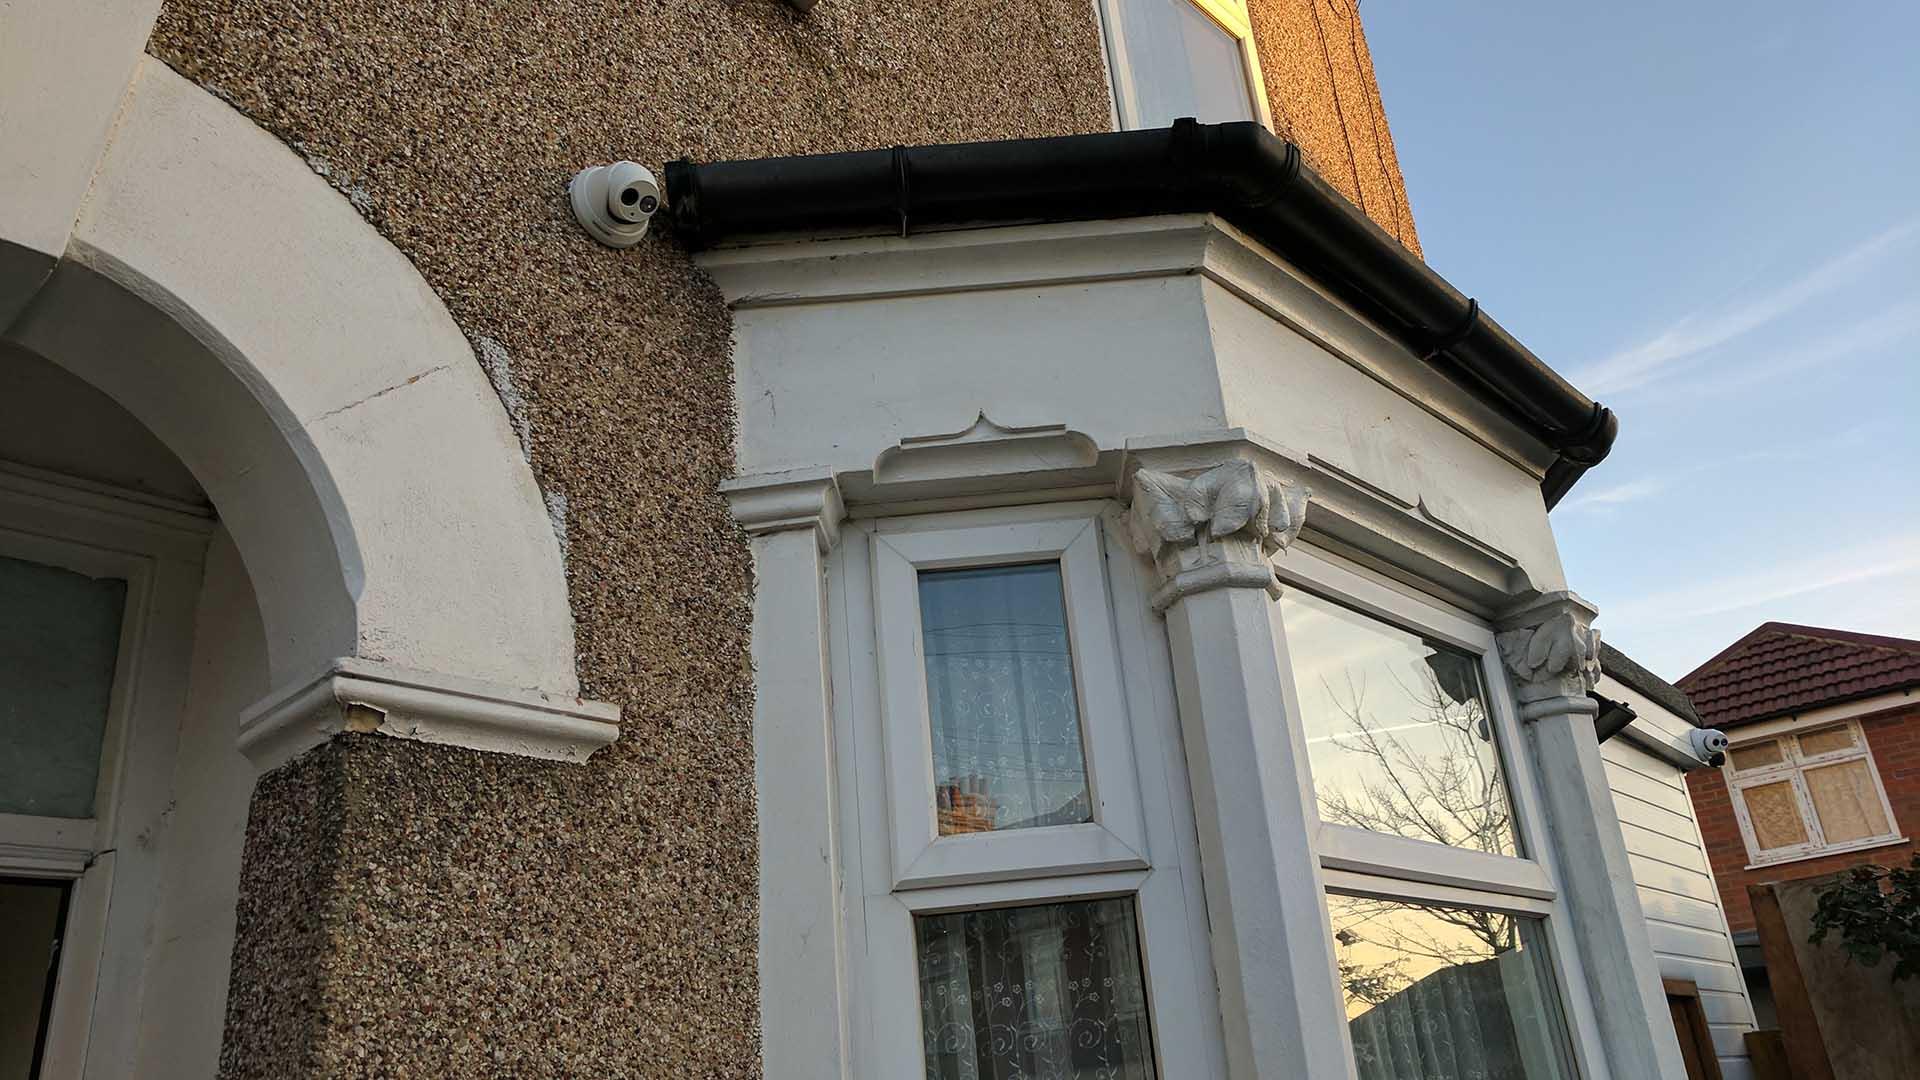 CCTV Installation in Edmonton